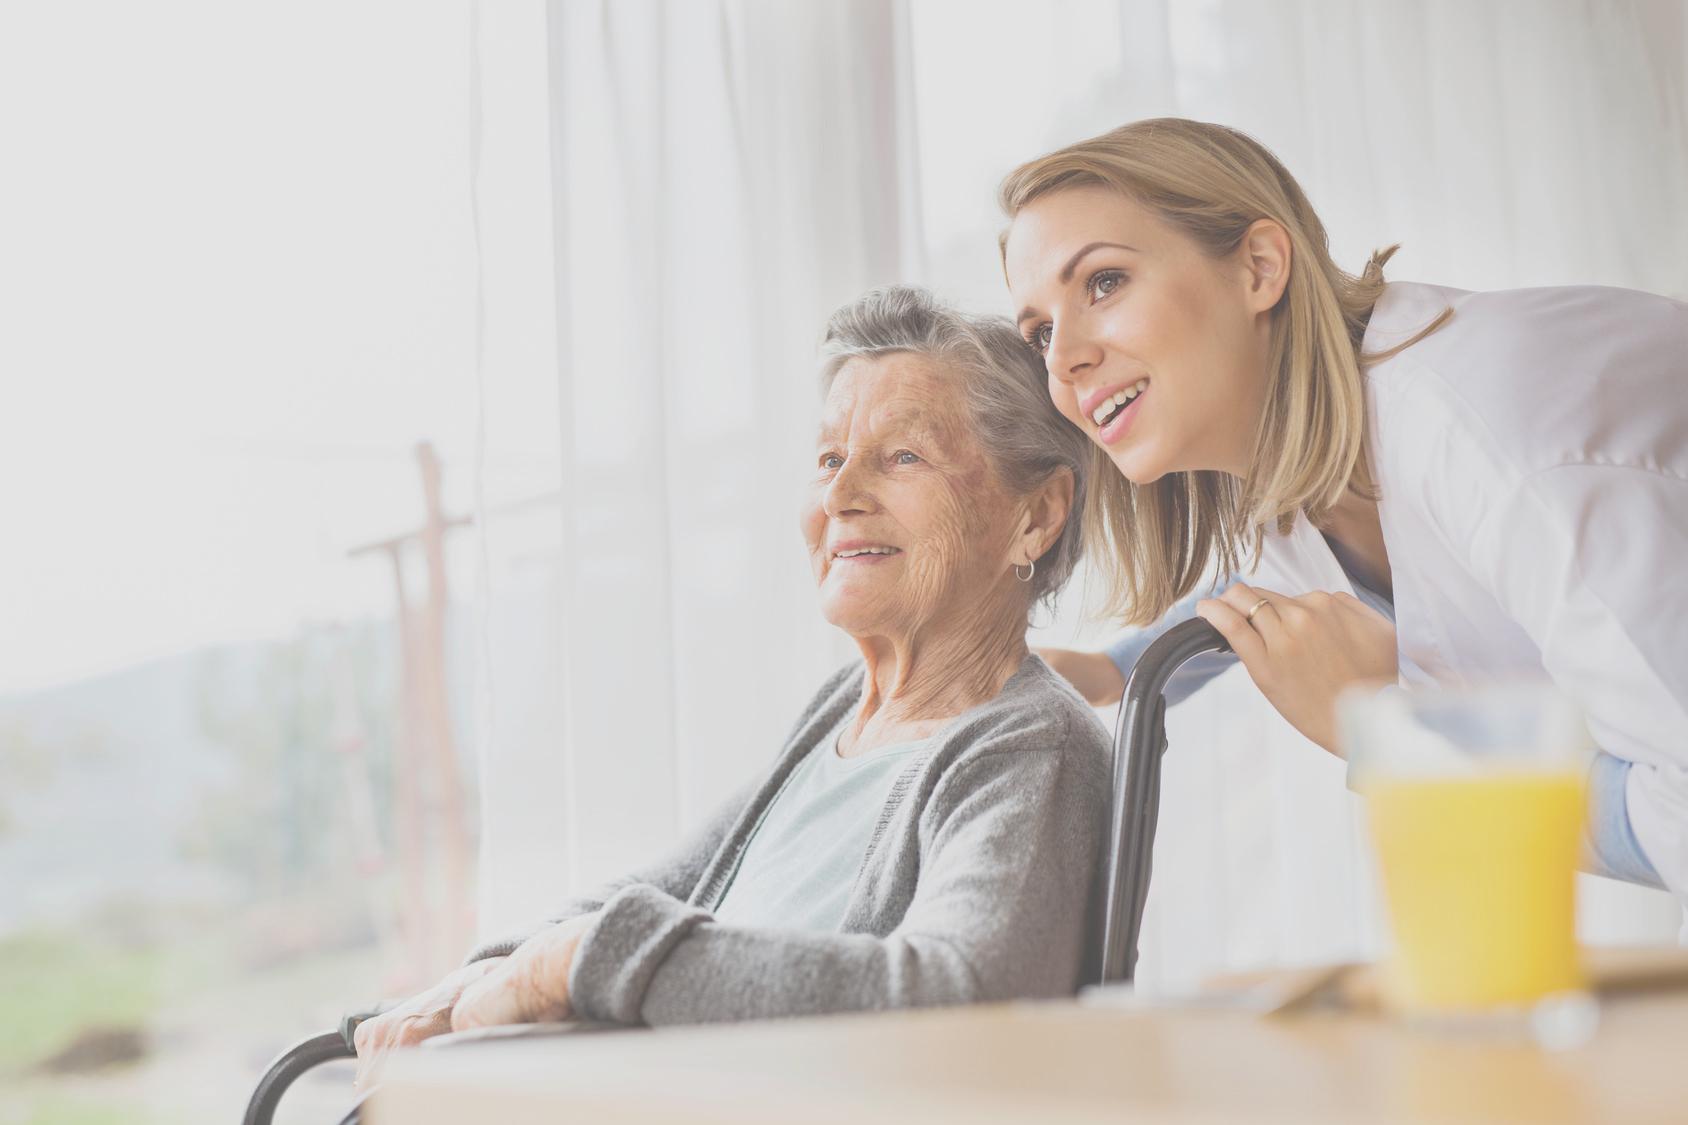 Besuche in Pflegeheimen weiterhin möglich